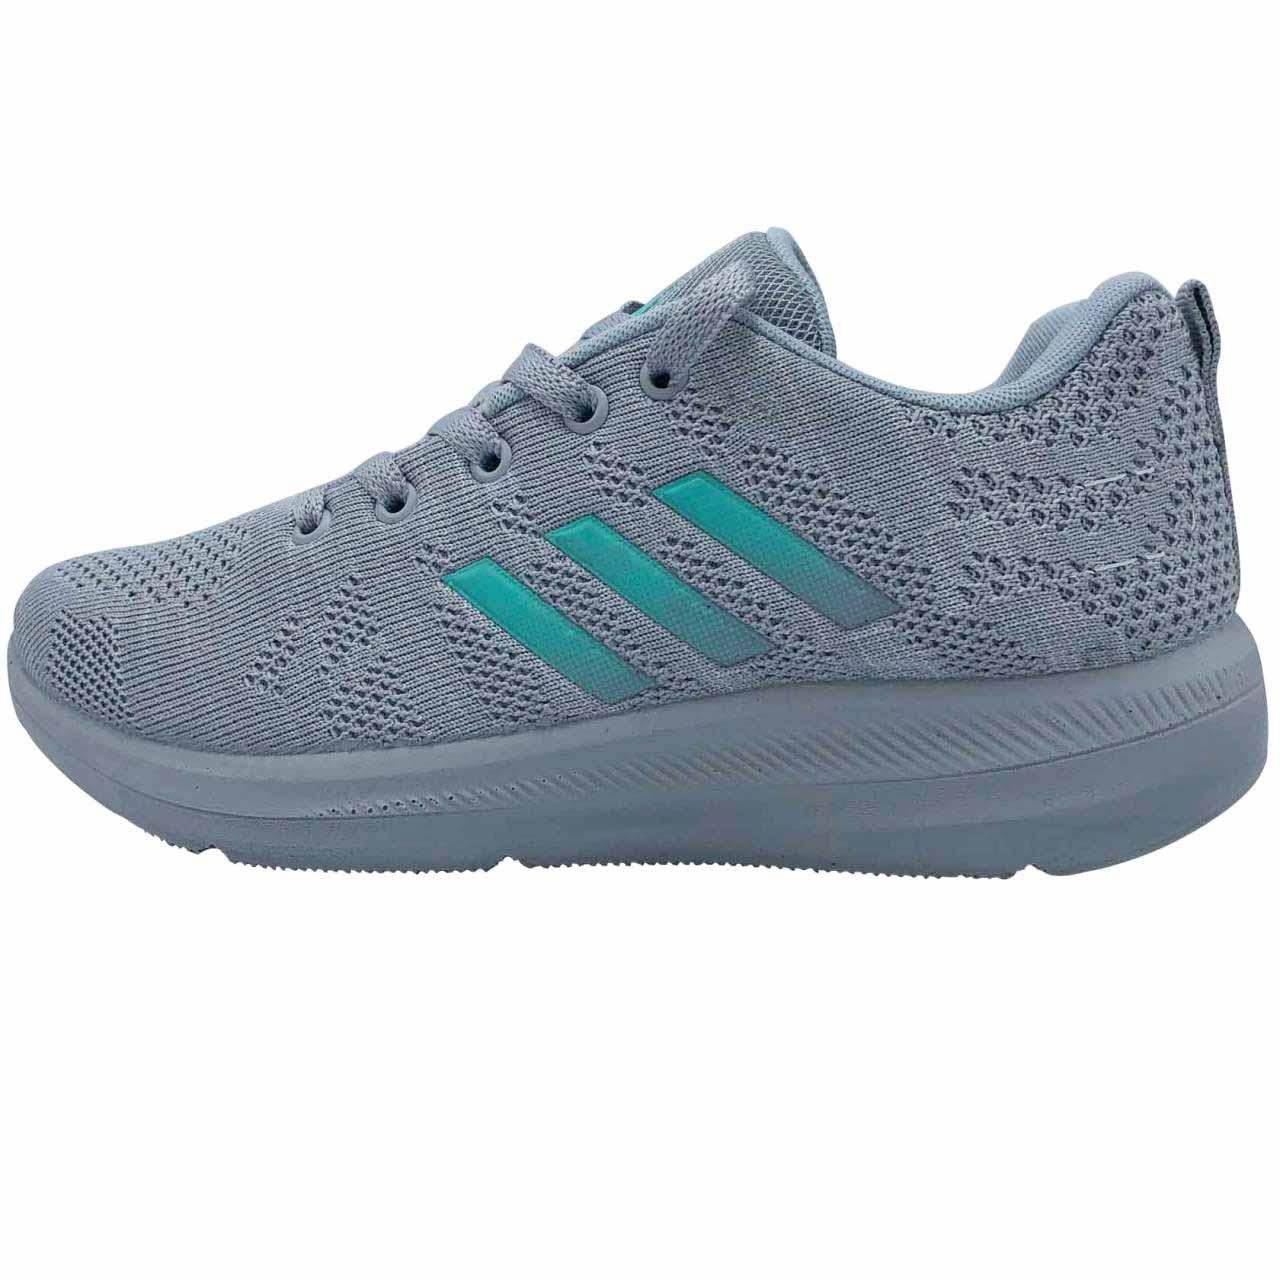 کفش مخصوص پیاده روی زنانه کد js 300